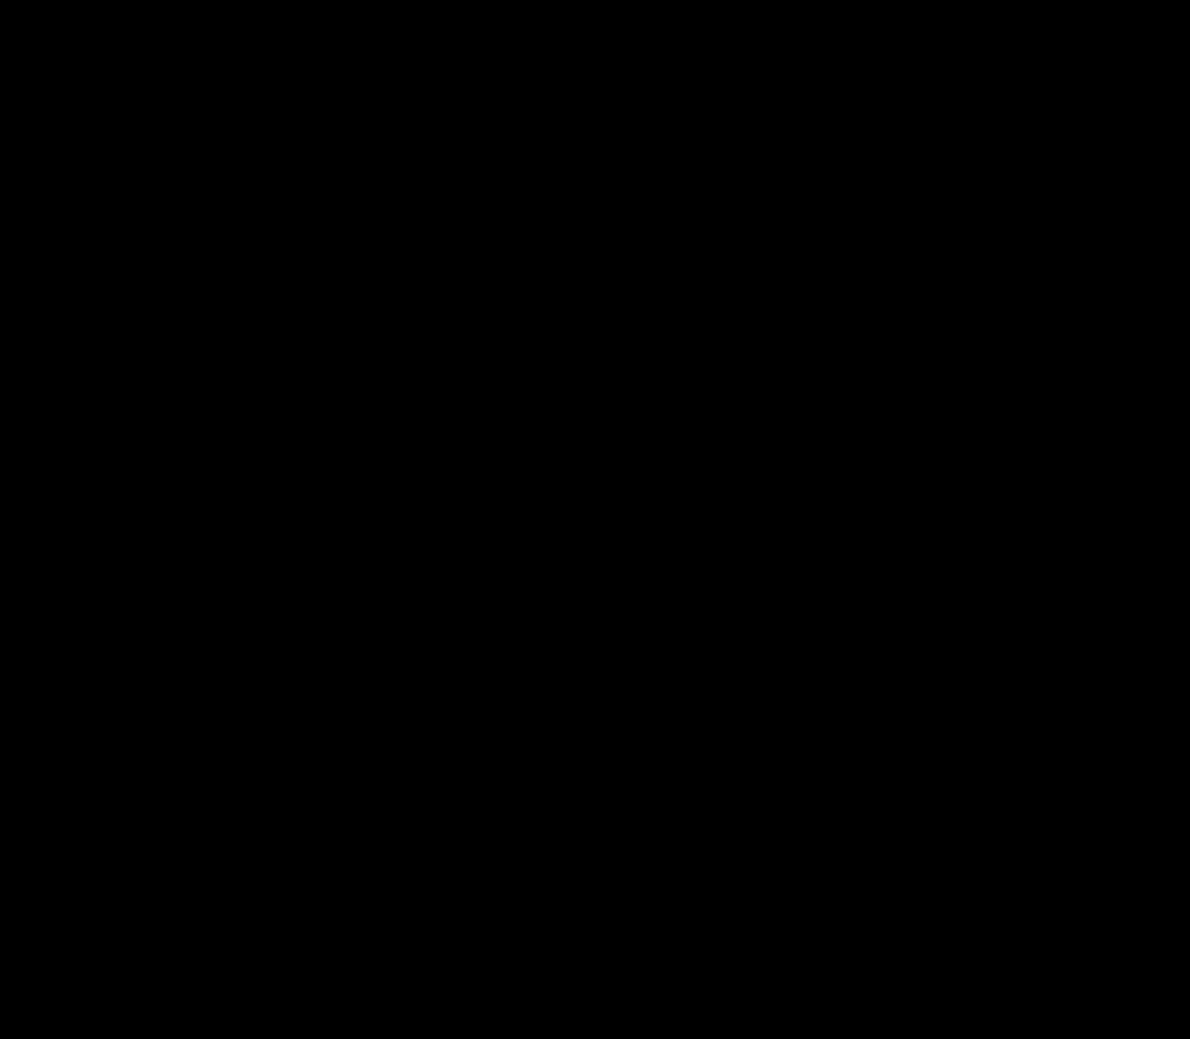 中泰雷火电竞平台-有色金属雷火网址:固态电池有望提振远期锂市场空间-210112